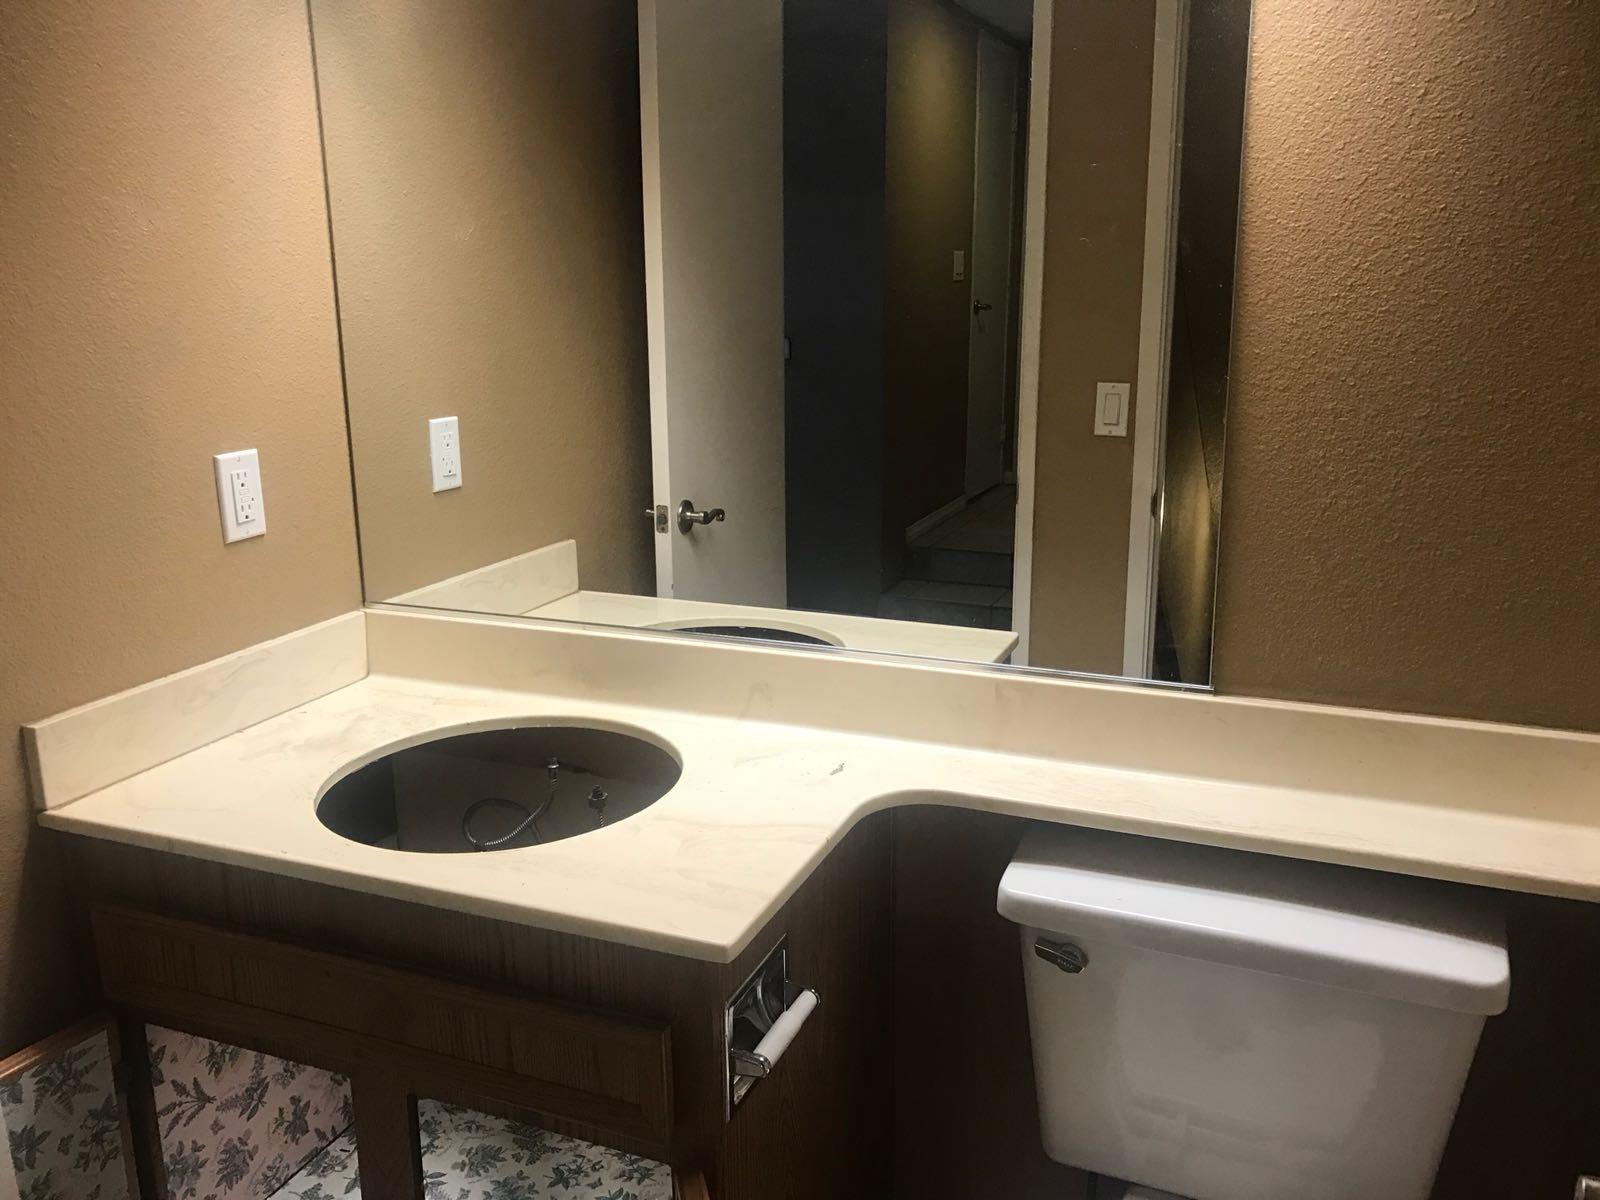 Preobdelava kopalnice pred nečimrnostmi - NuFinishPro